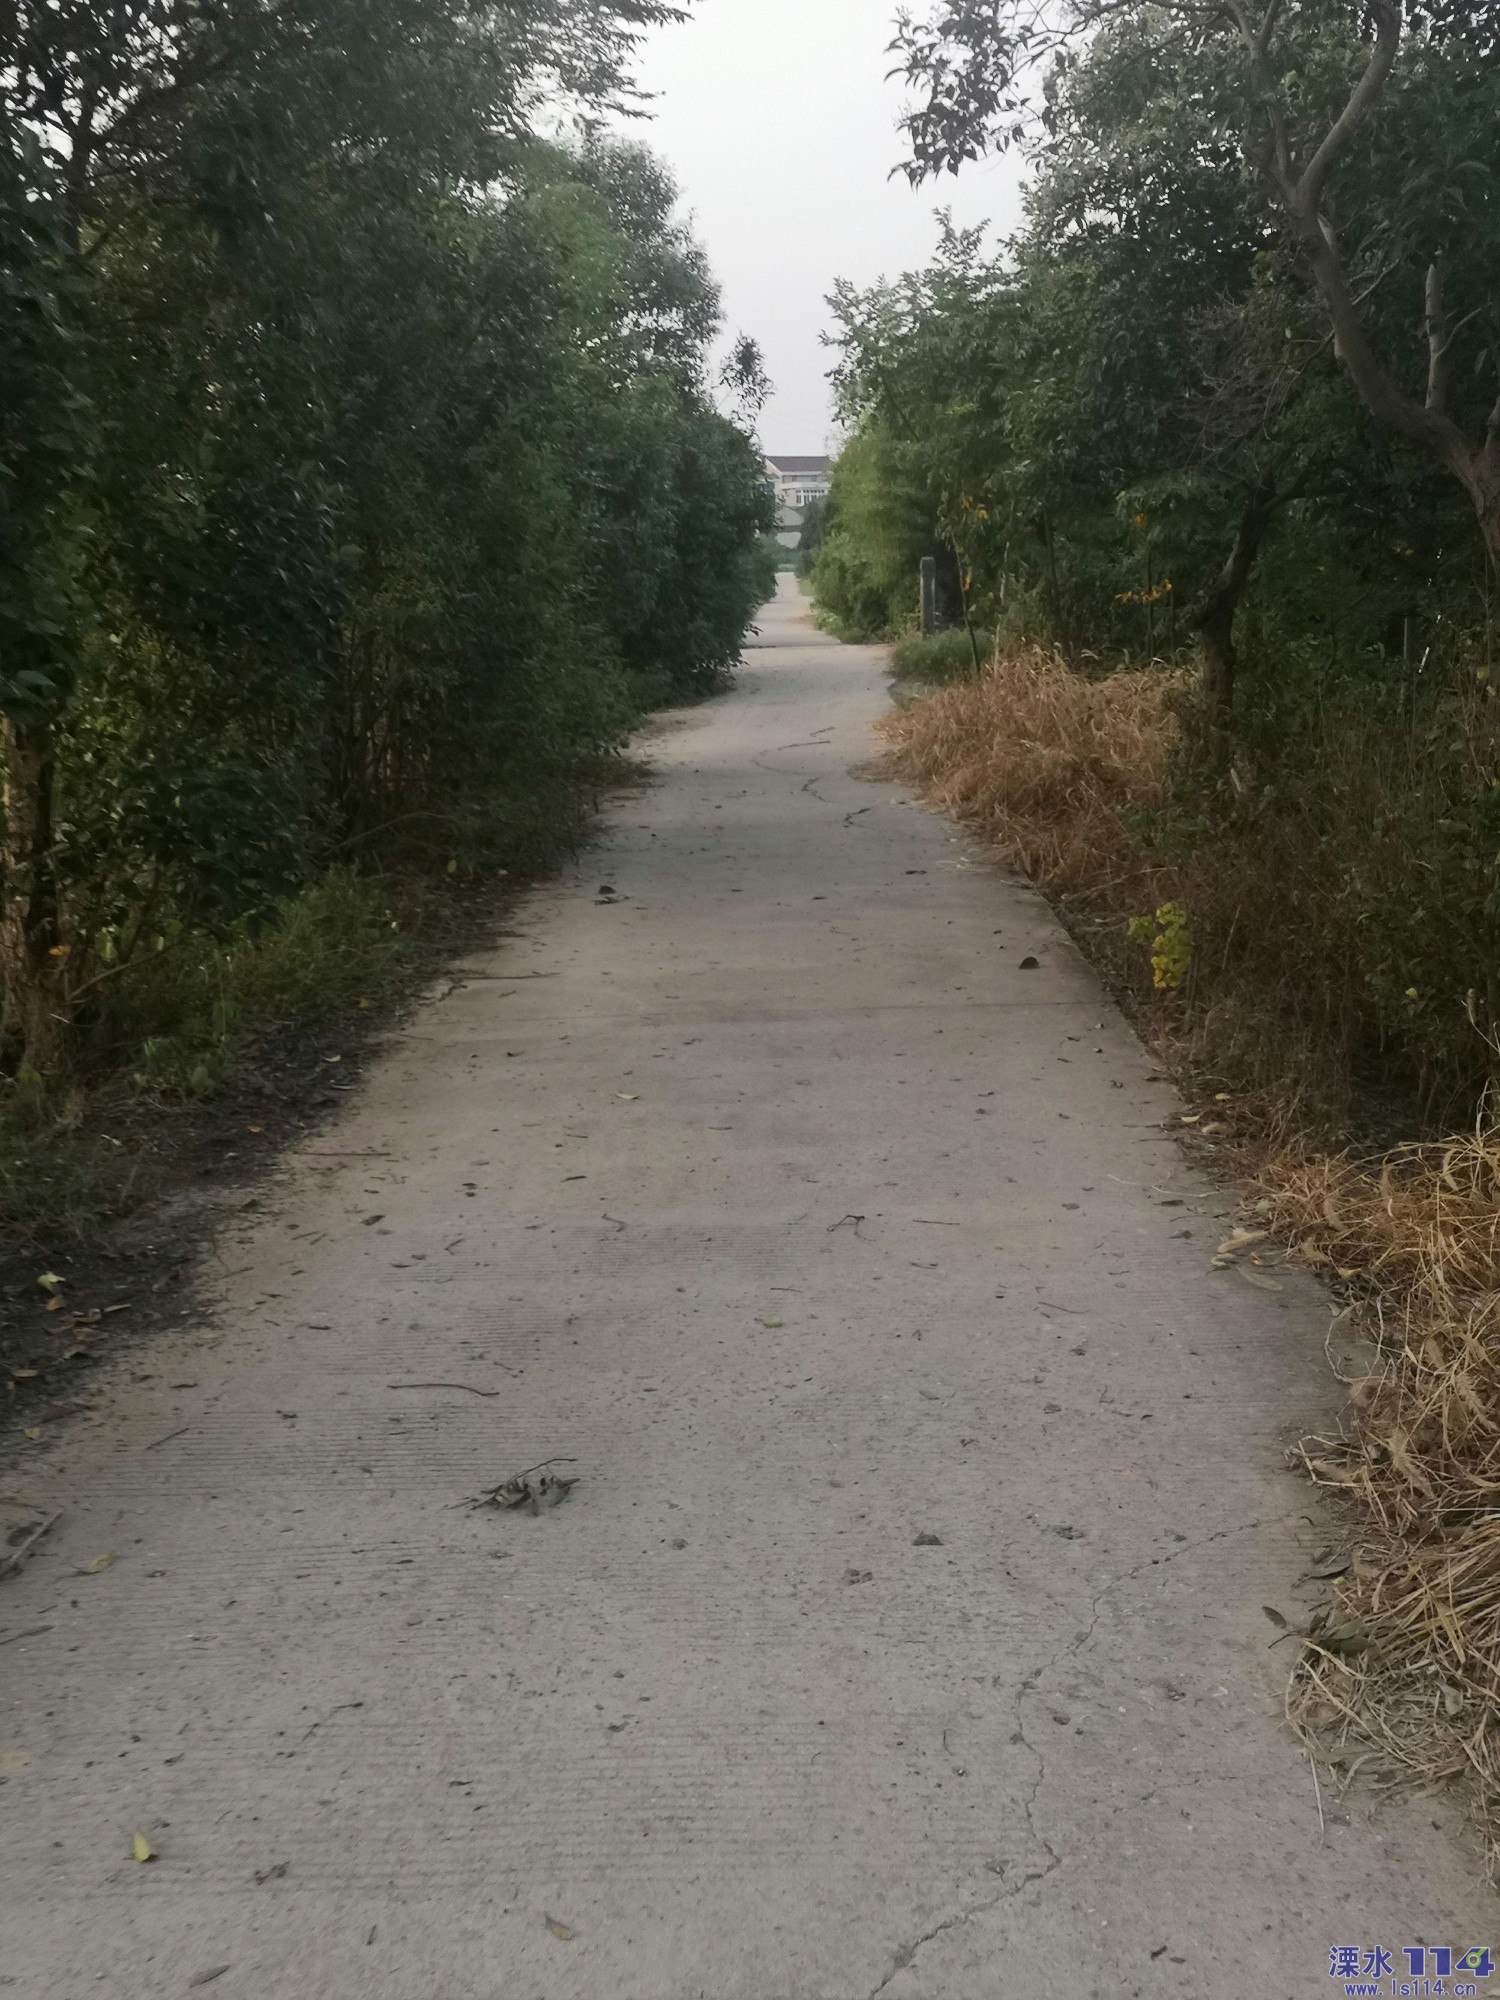 路两边的杂树,杂草谁来修剪